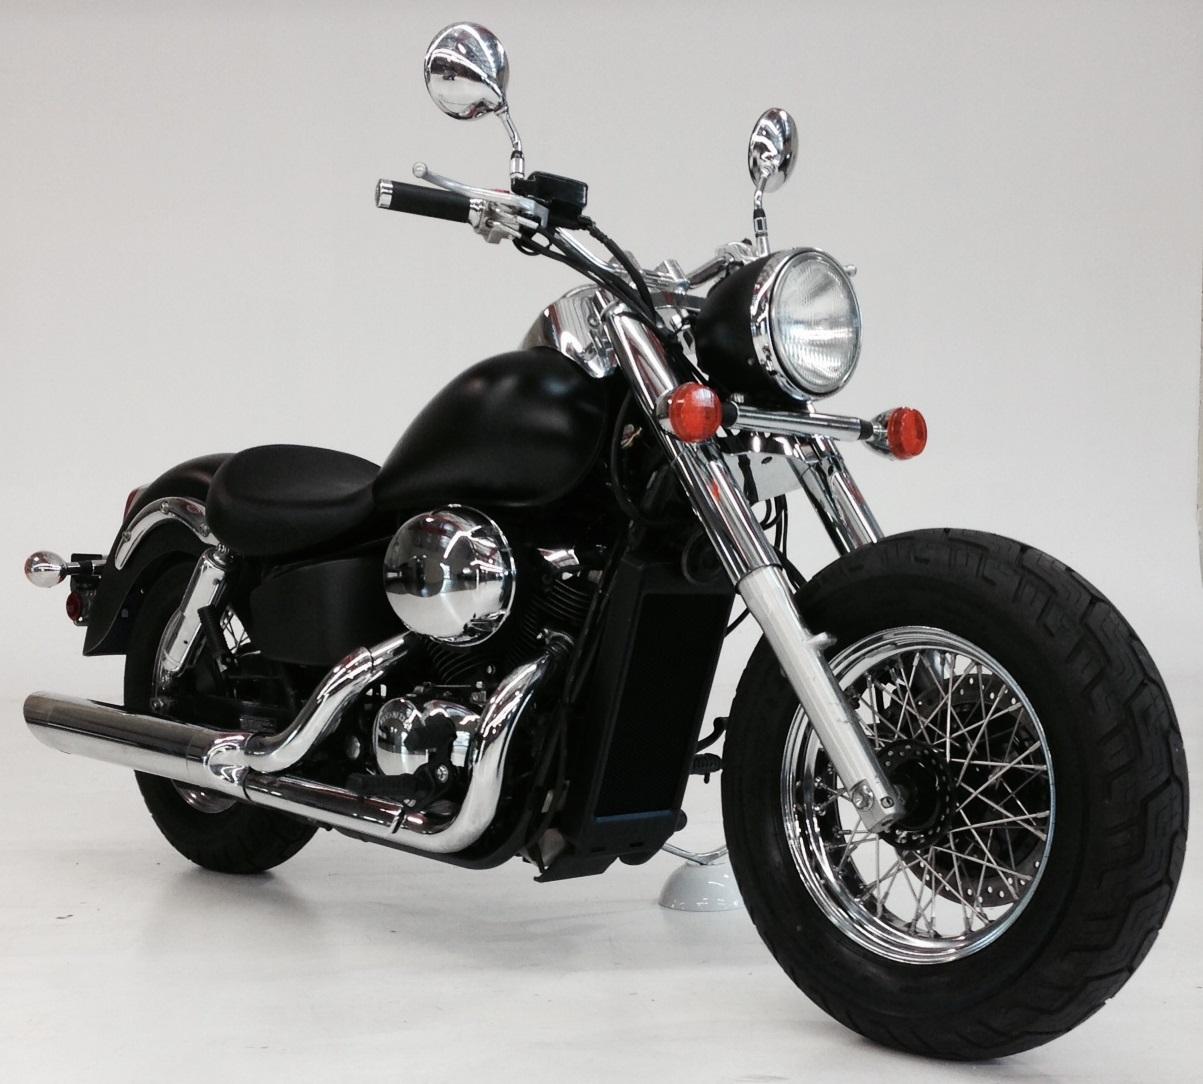 2002 Honda Shadow Fatboy Custom